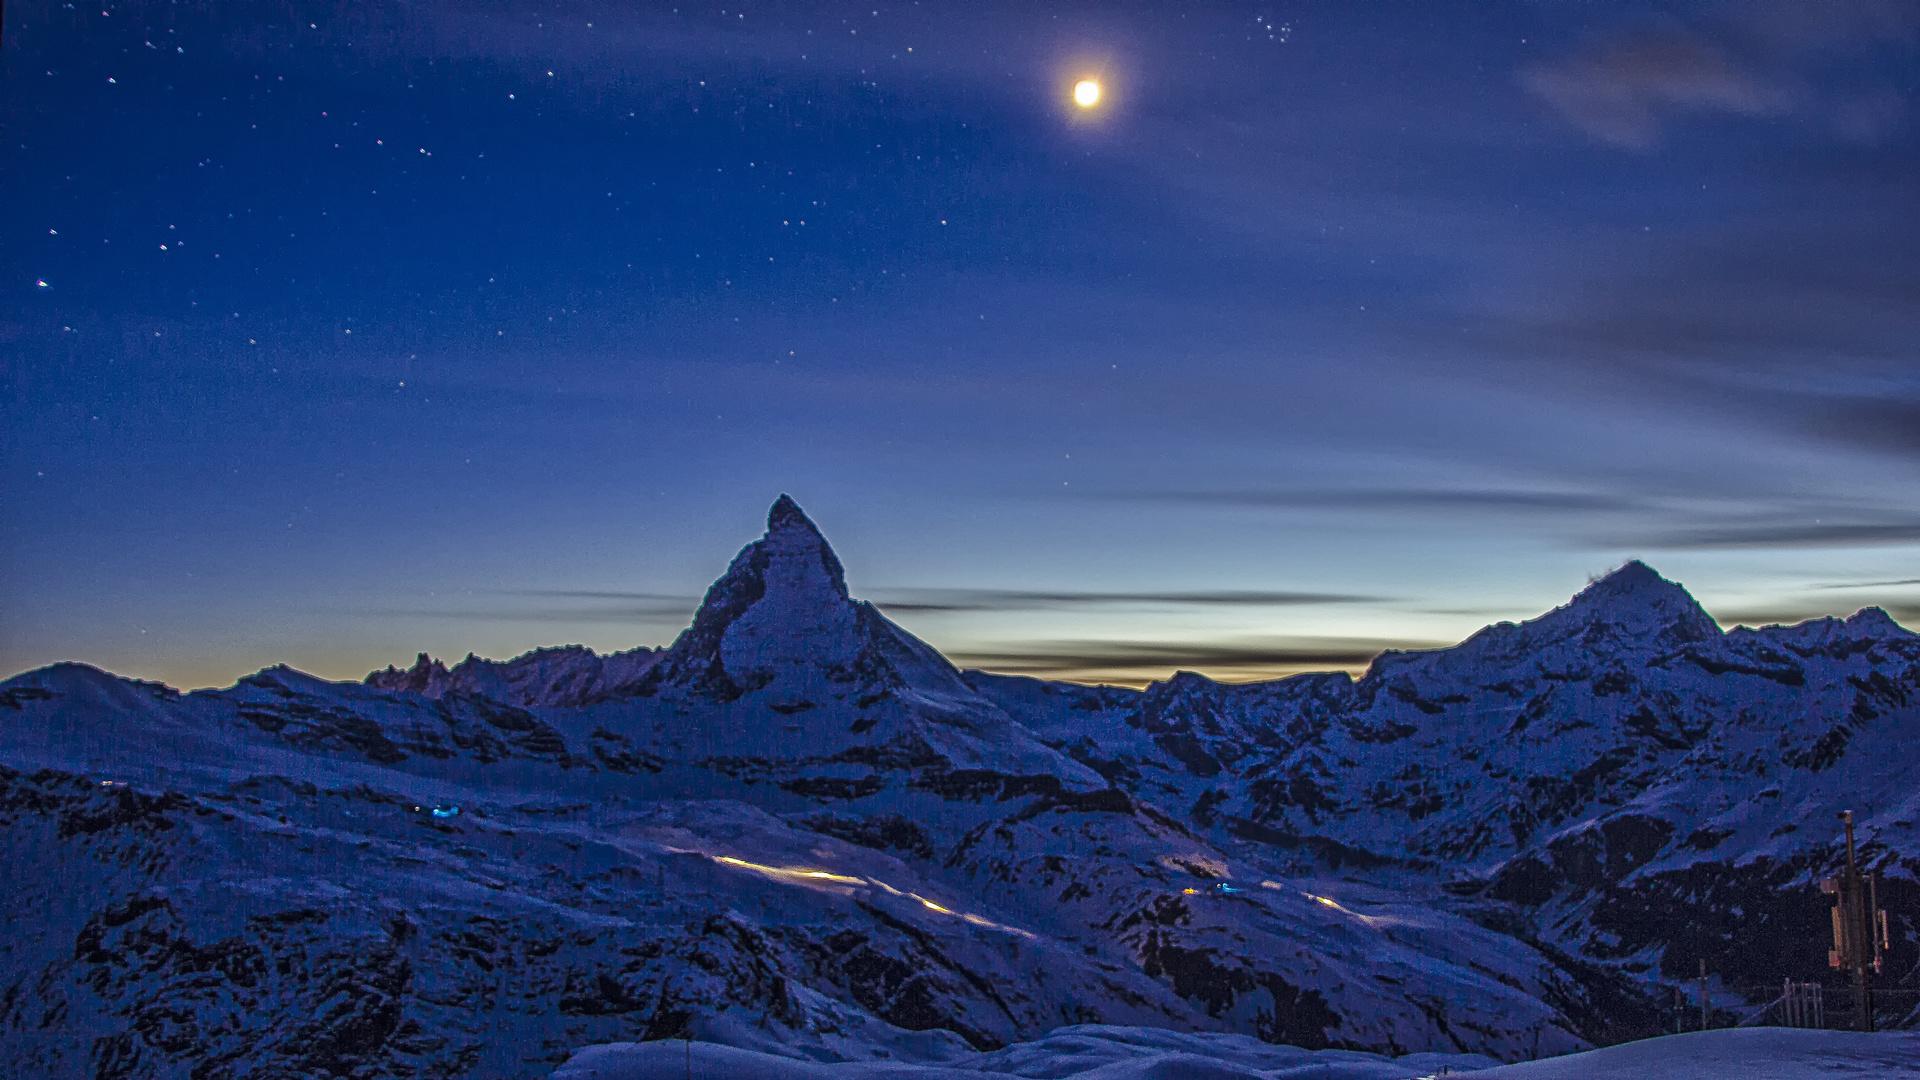 Matterhorn by night